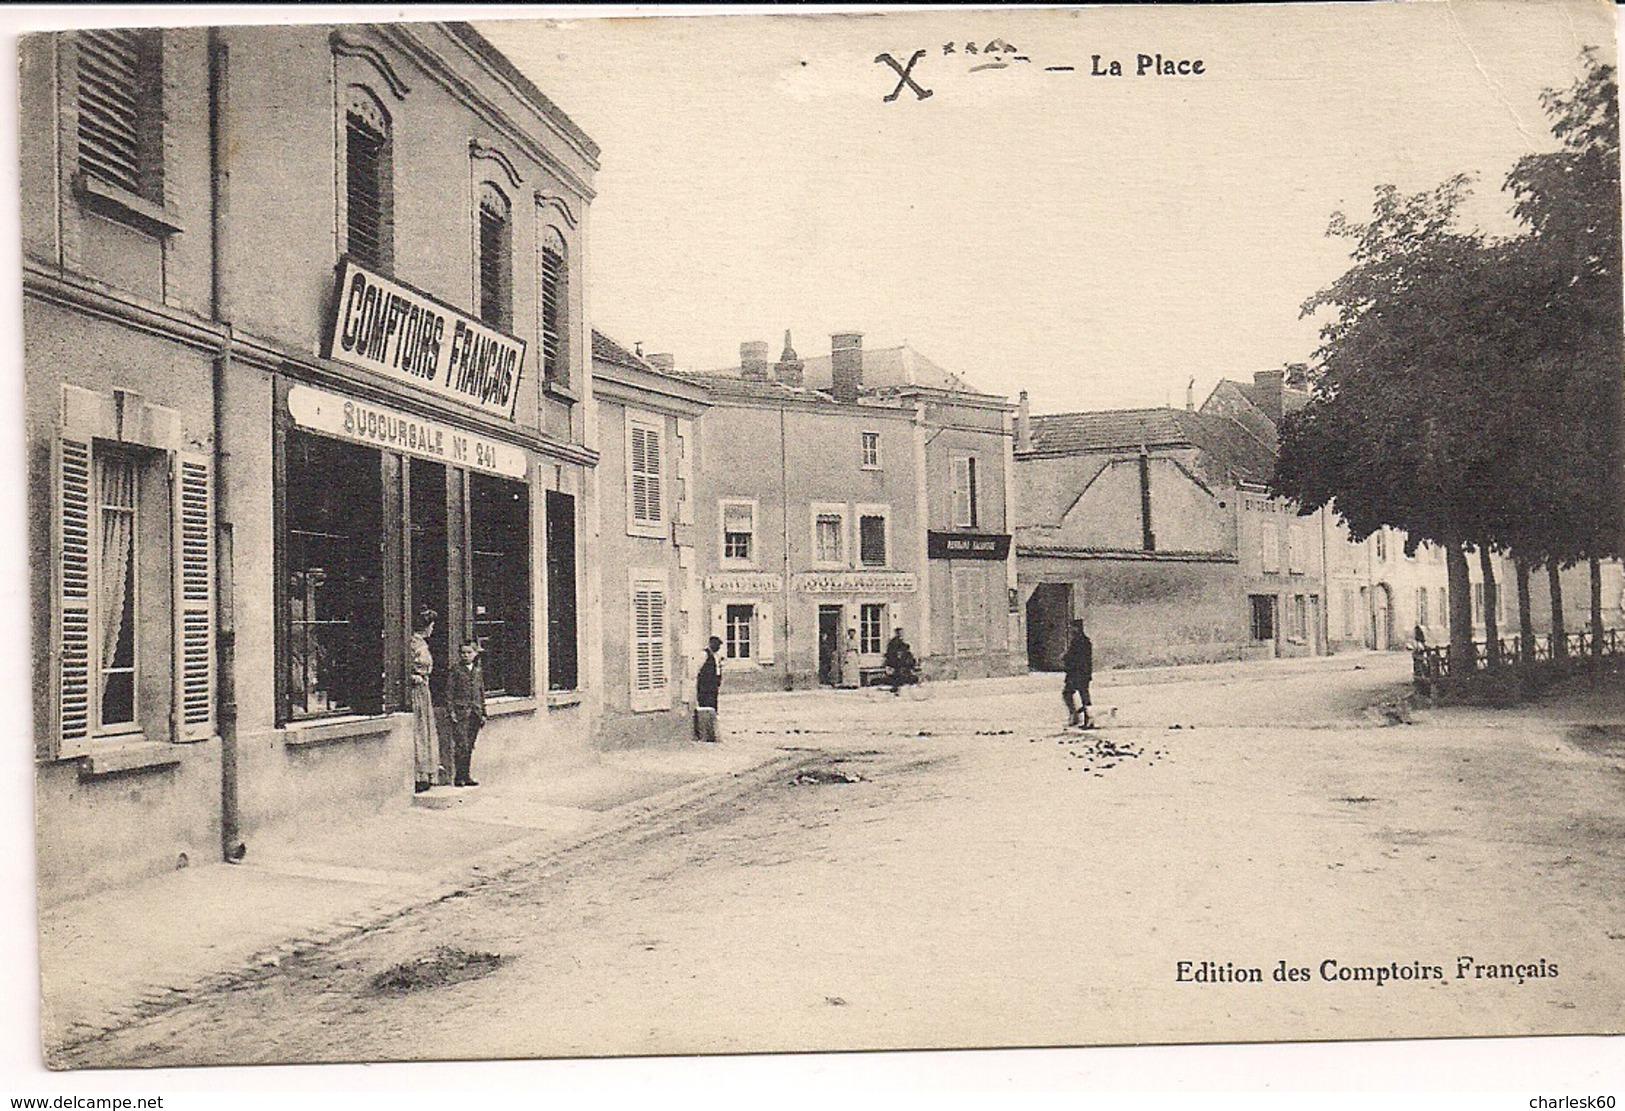 CPA Animée Guerre 1914 1918 Marne Hermonville Comptoirs Français Succursale N° 241 Rue De Fismes La Place 1914 - Reims